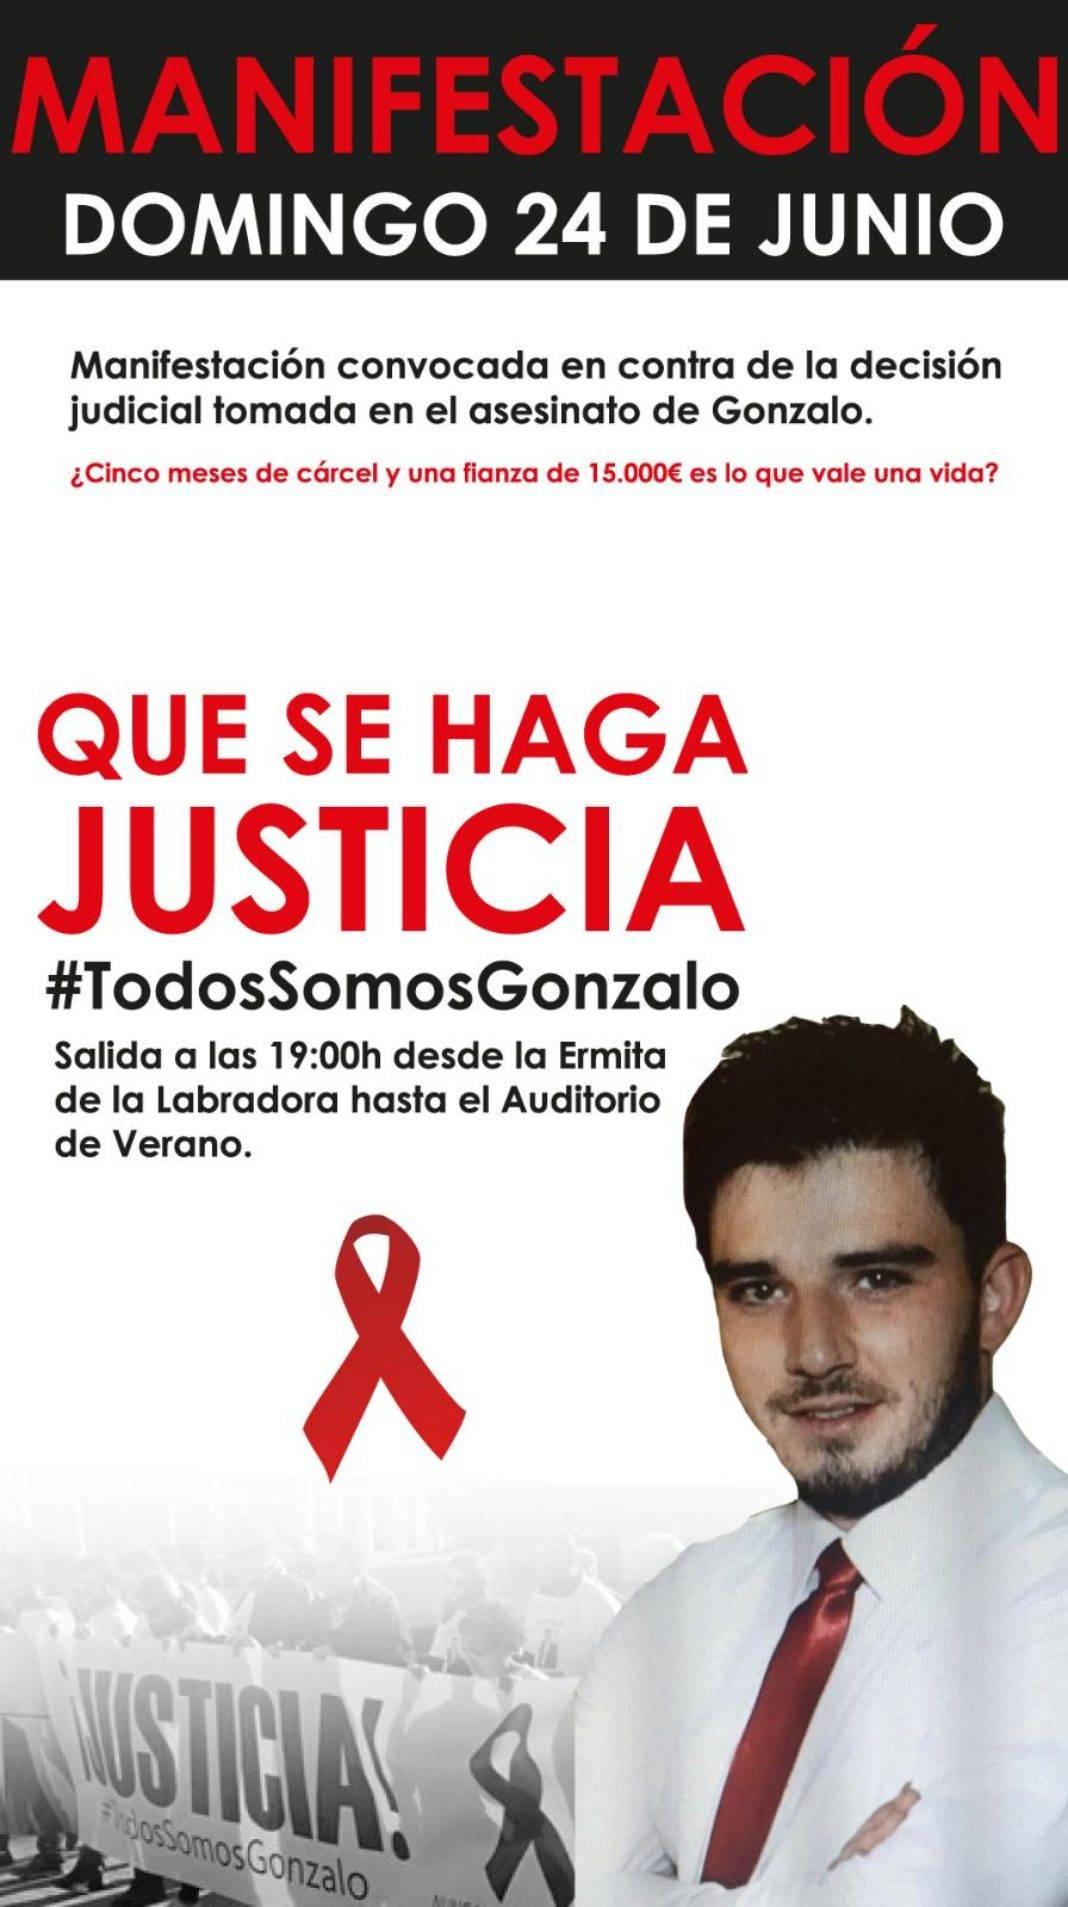 Herencia volverá a manifestarse reclamando justicia tras la muerte de Gonzalo Buján 4